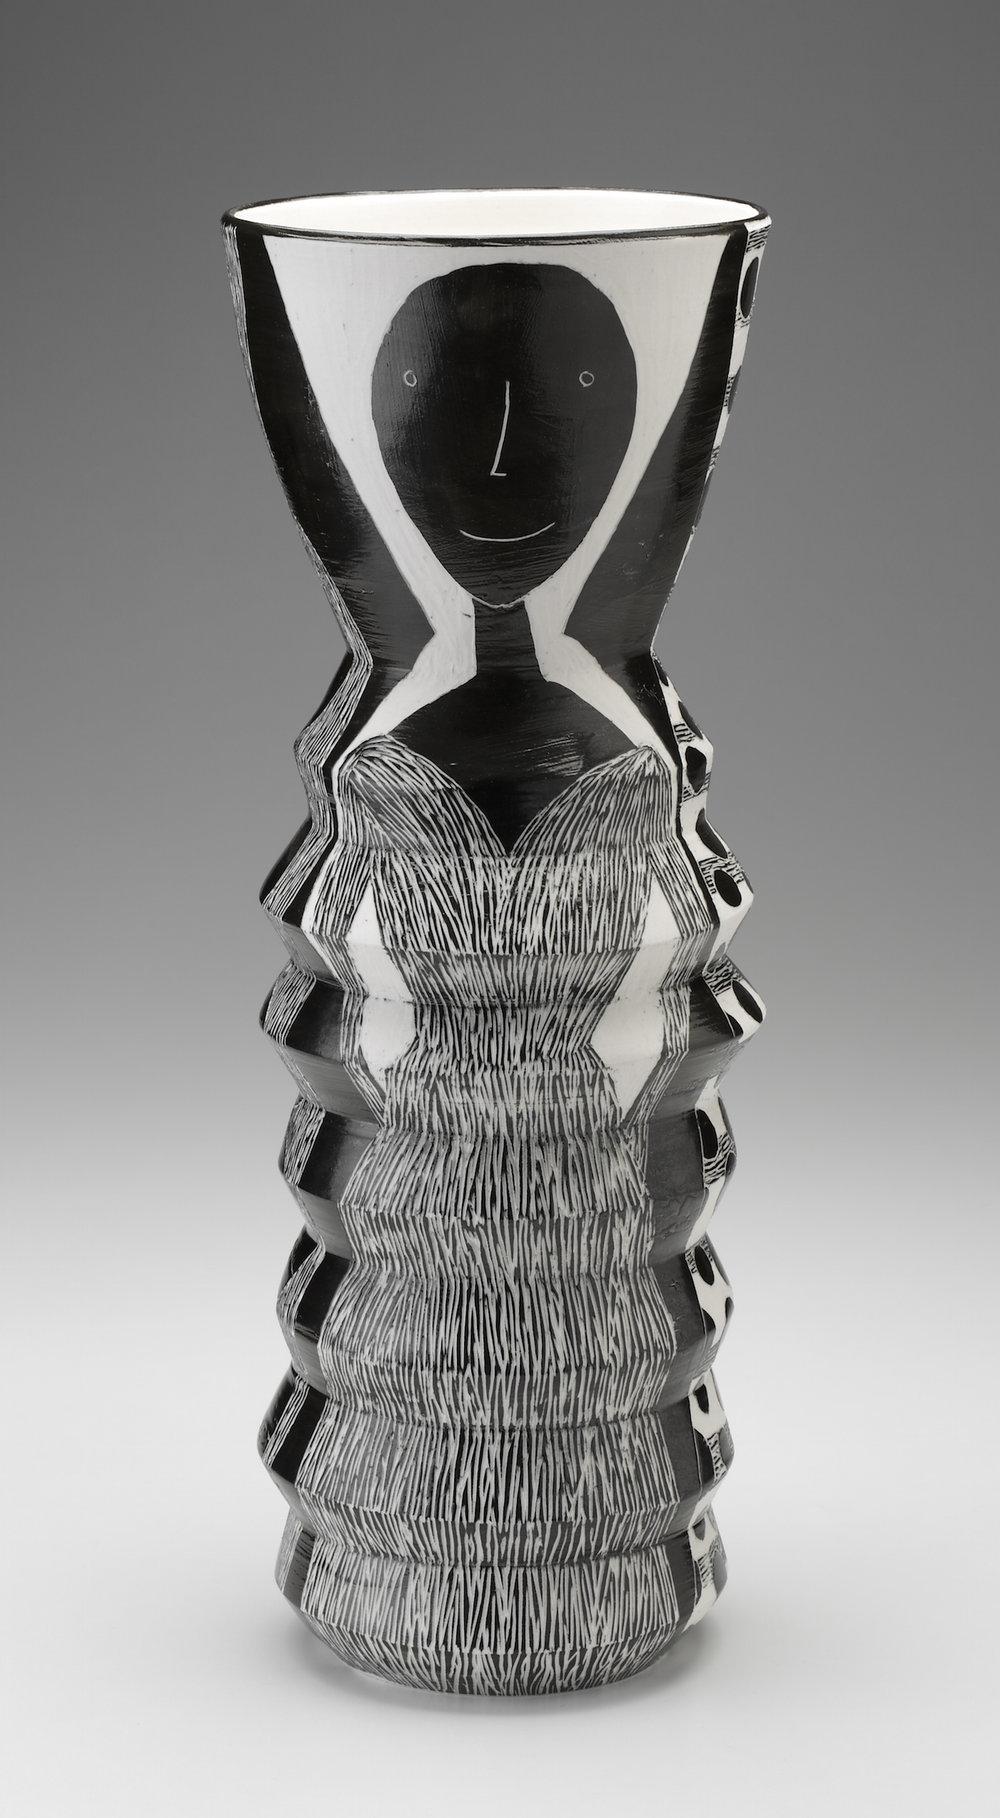 Woman on Vase